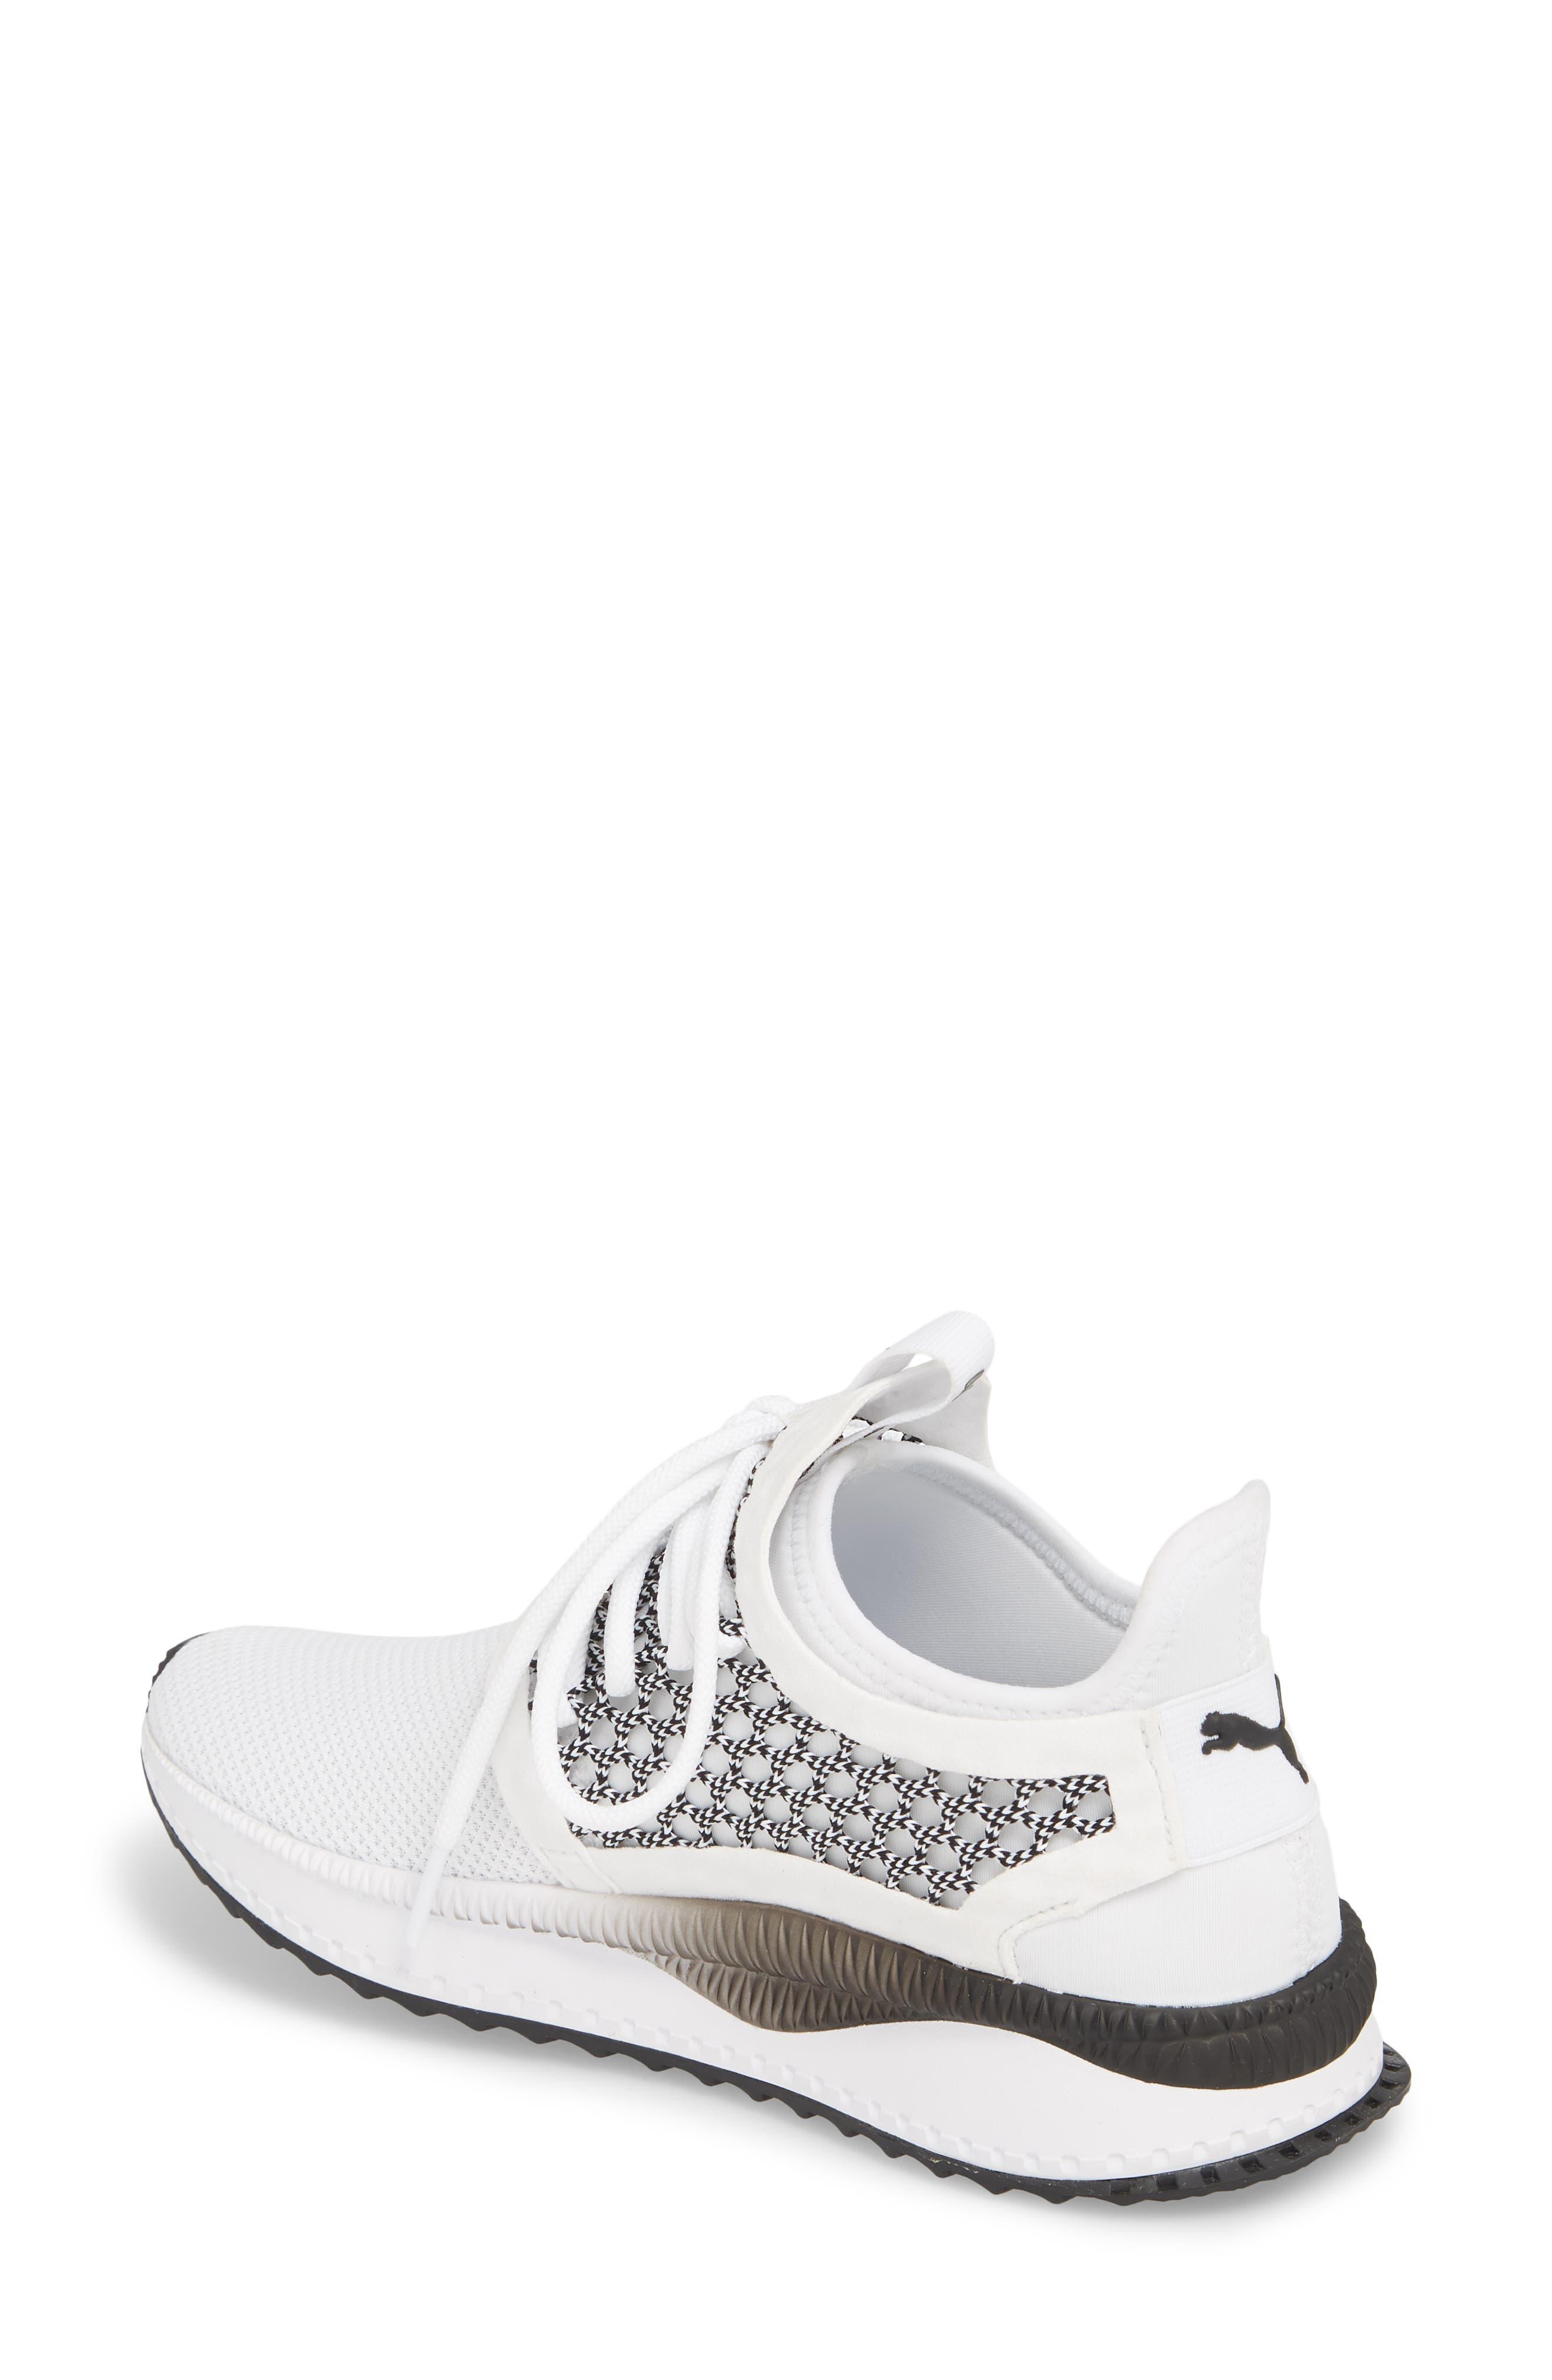 Tsugi Netfit evoKNIT Training Shoe,                             Alternate thumbnail 2, color,                             White/ Black